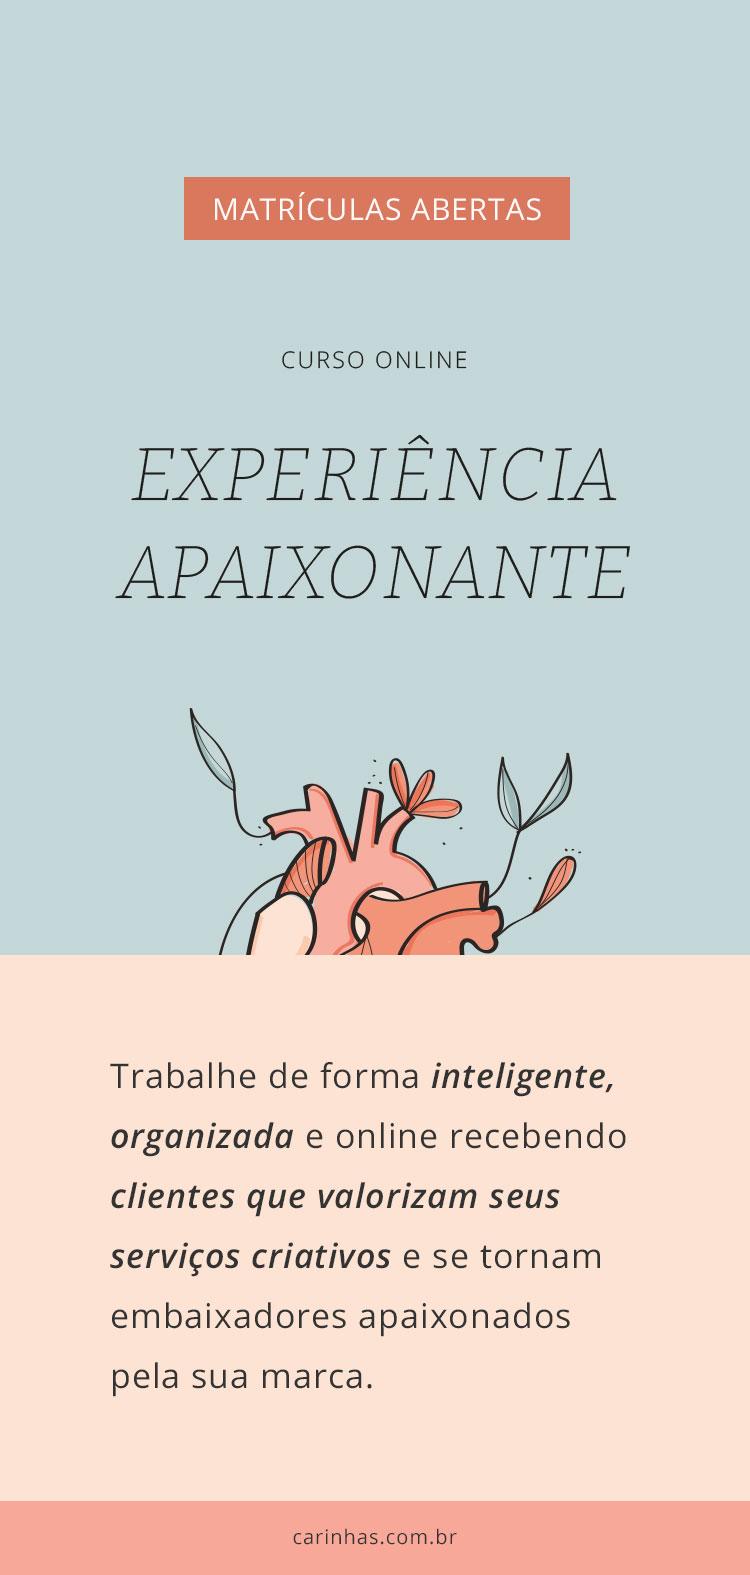 Curso Online Experiência Apaixonante